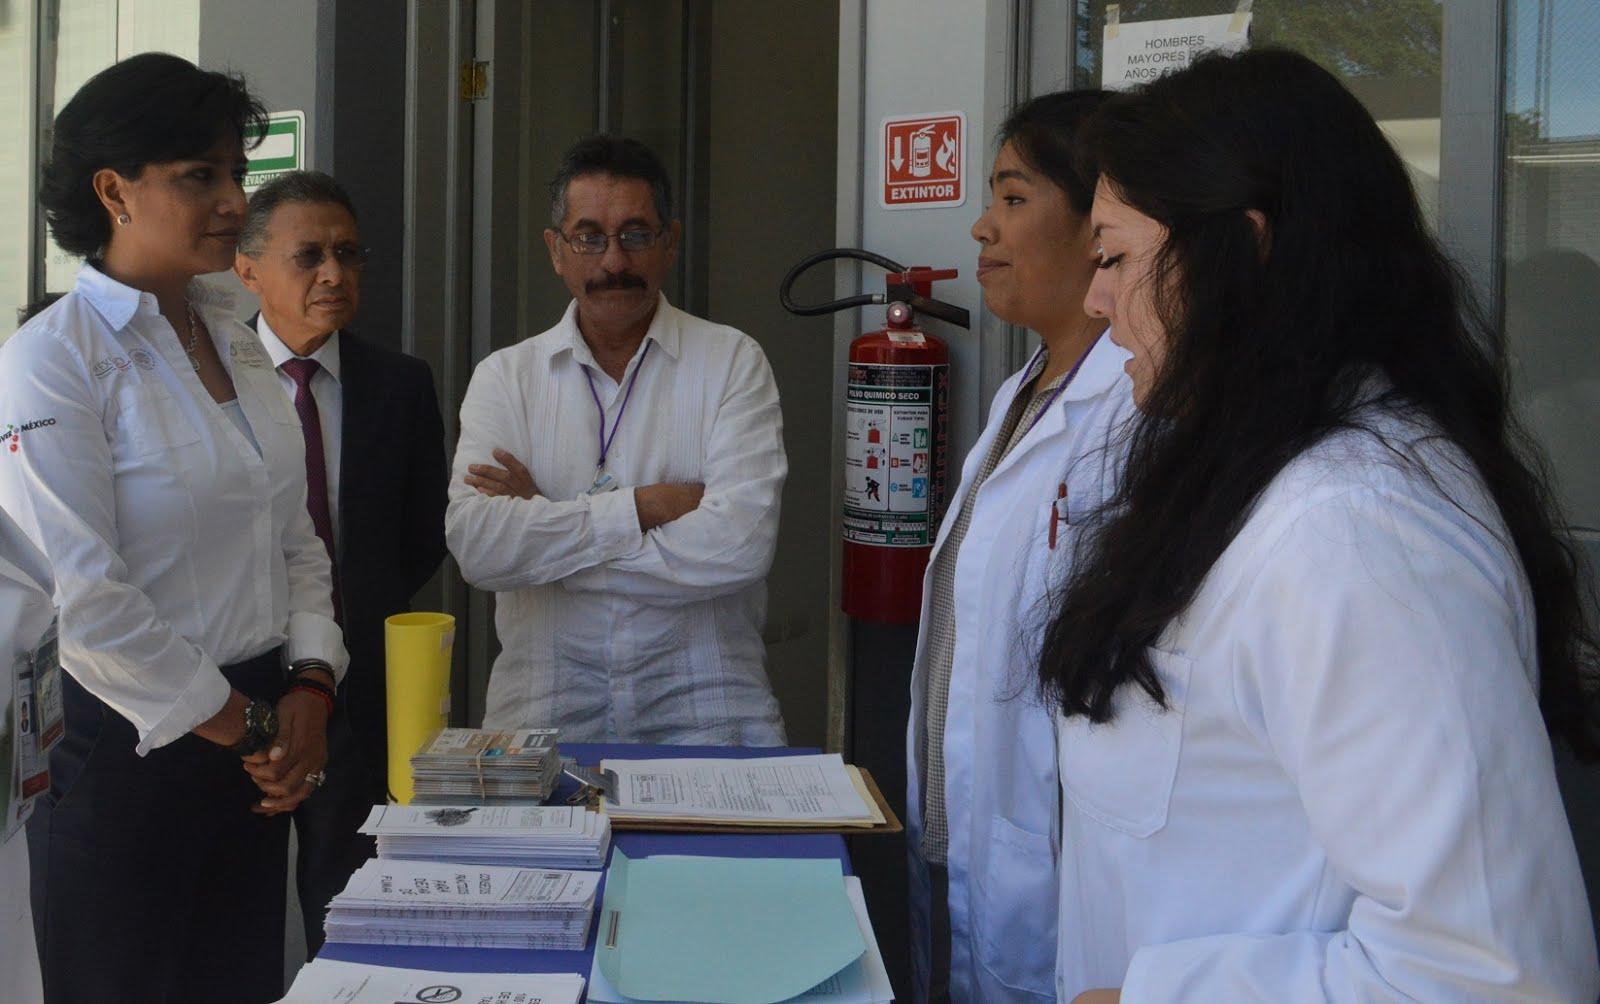 EN 2017, REALIZÓ ISSSTE-VERACRUZ 70 FERIAS DE SALUD EN BENEFICIO DE 45 MIL VERACRUZANOS: ELÍZABETH